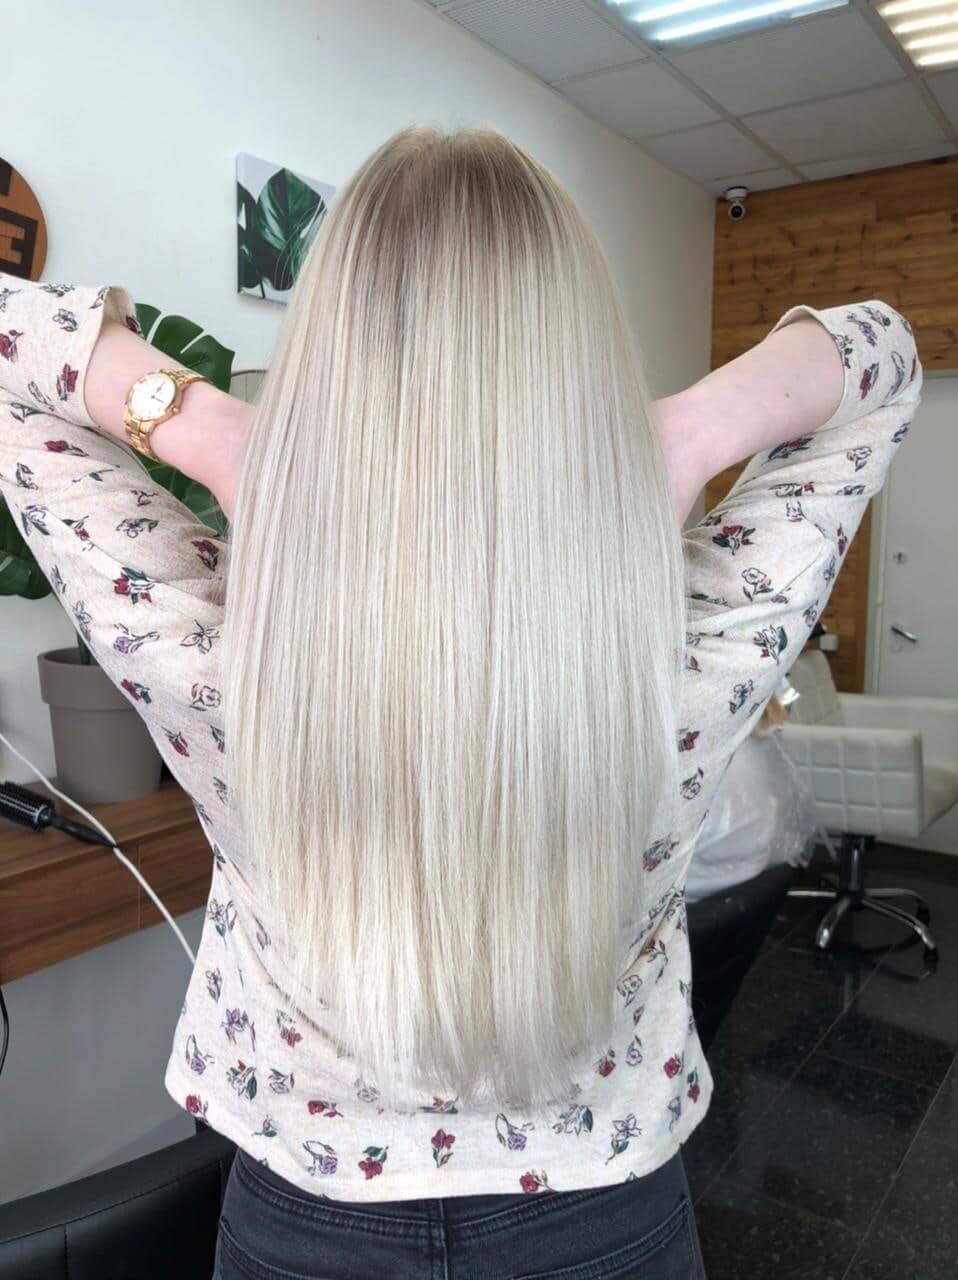 Модное окрашивание волос в один тон